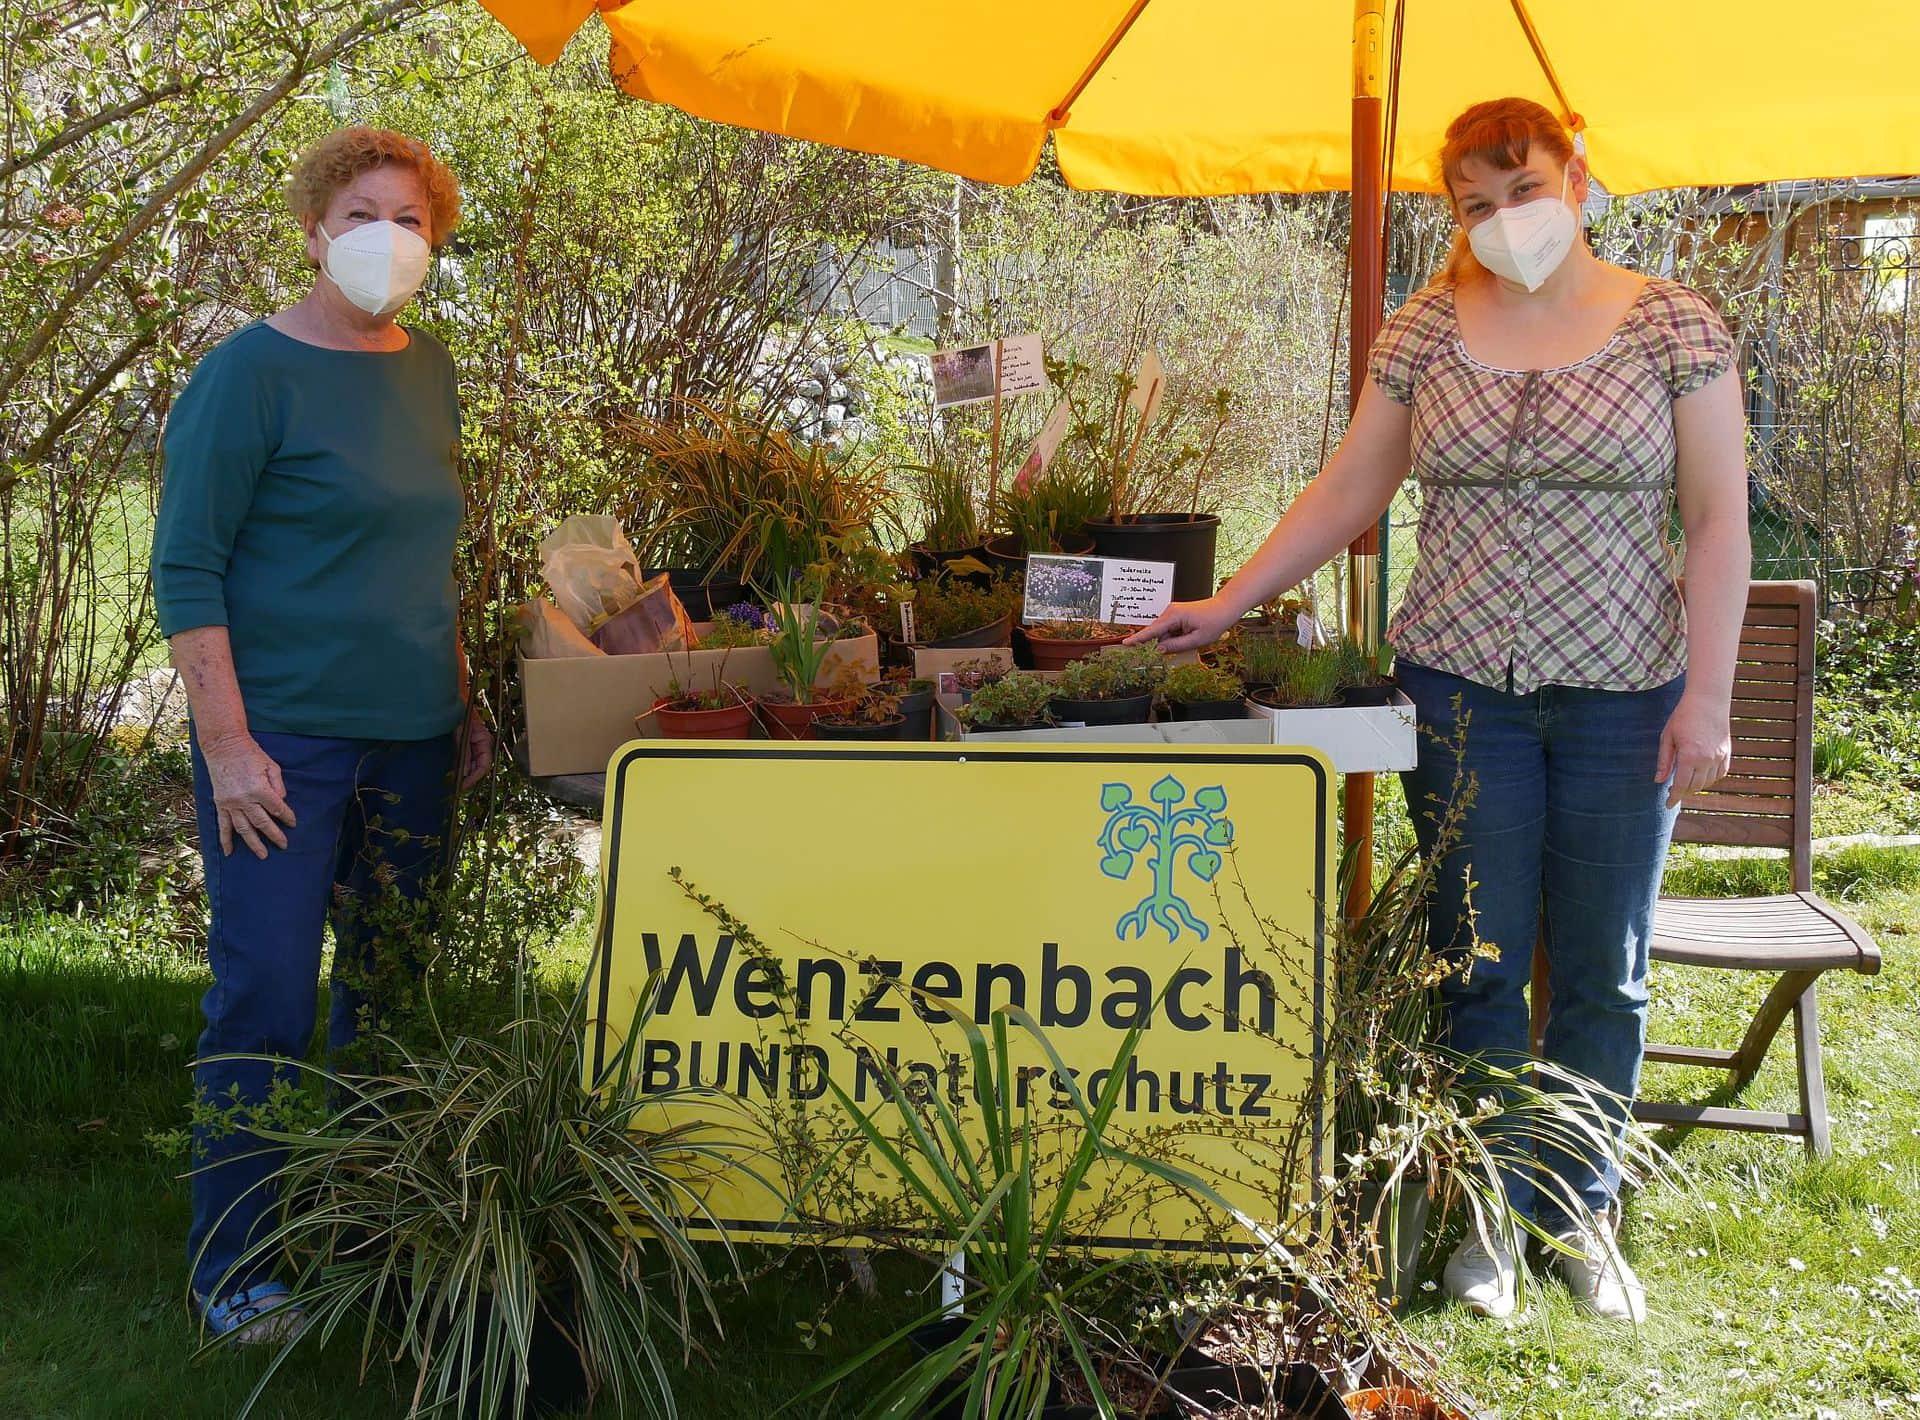 Spende statt Tauschbörse BN Wenzenbach spendet Pflanzen an das Tageszentrum Café Insel der Diakonie Regensburg